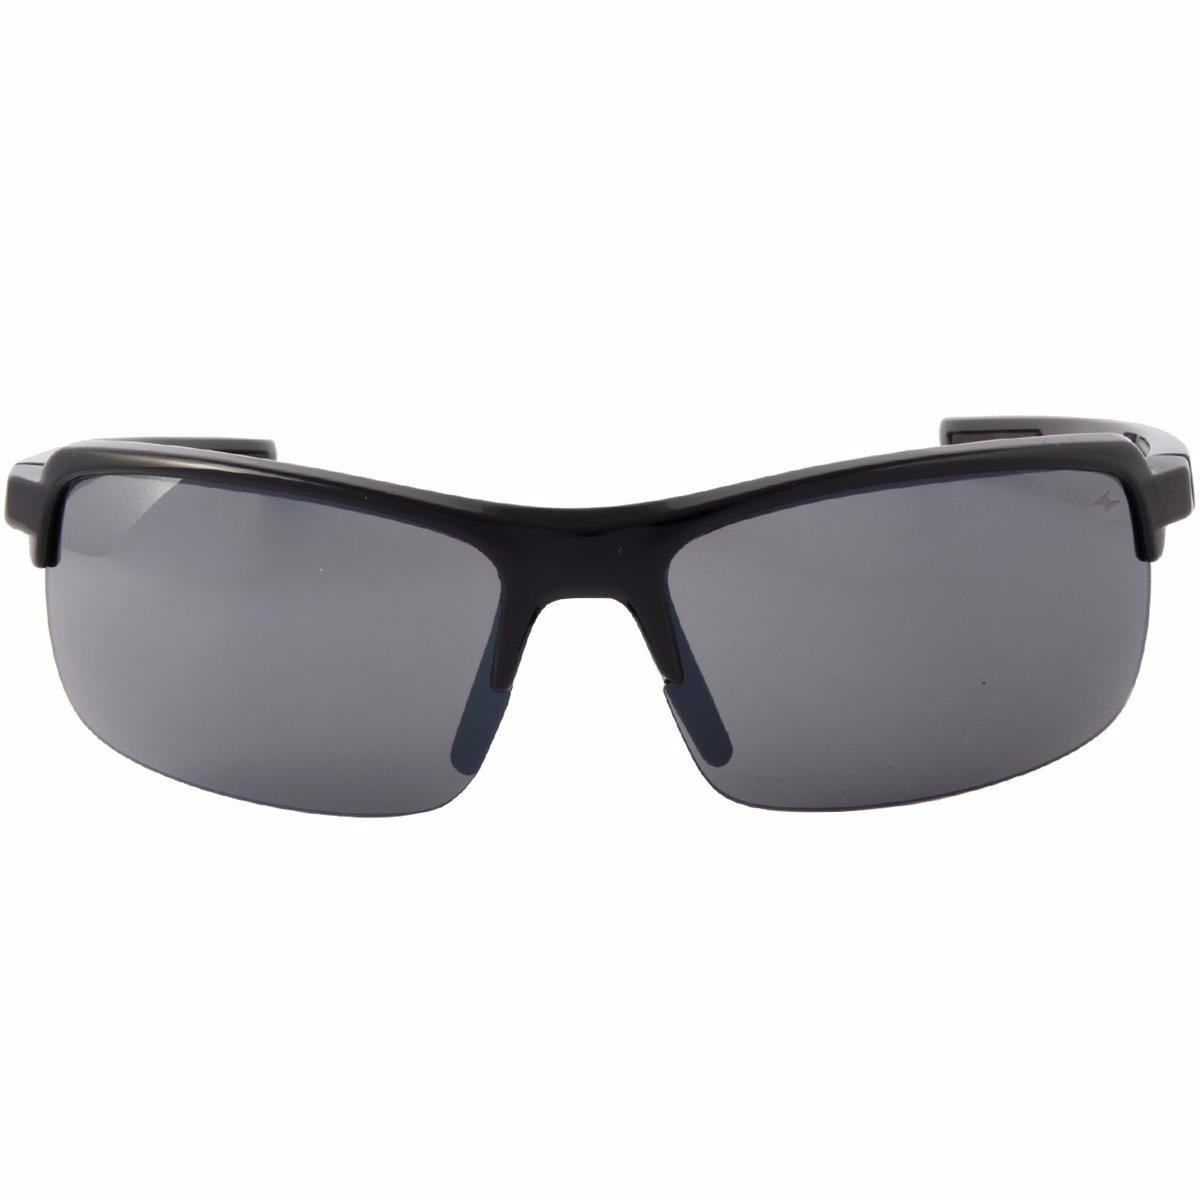 abc4d90893edf óculos de sol esportivo nicoboco 7136. Carregando zoom.